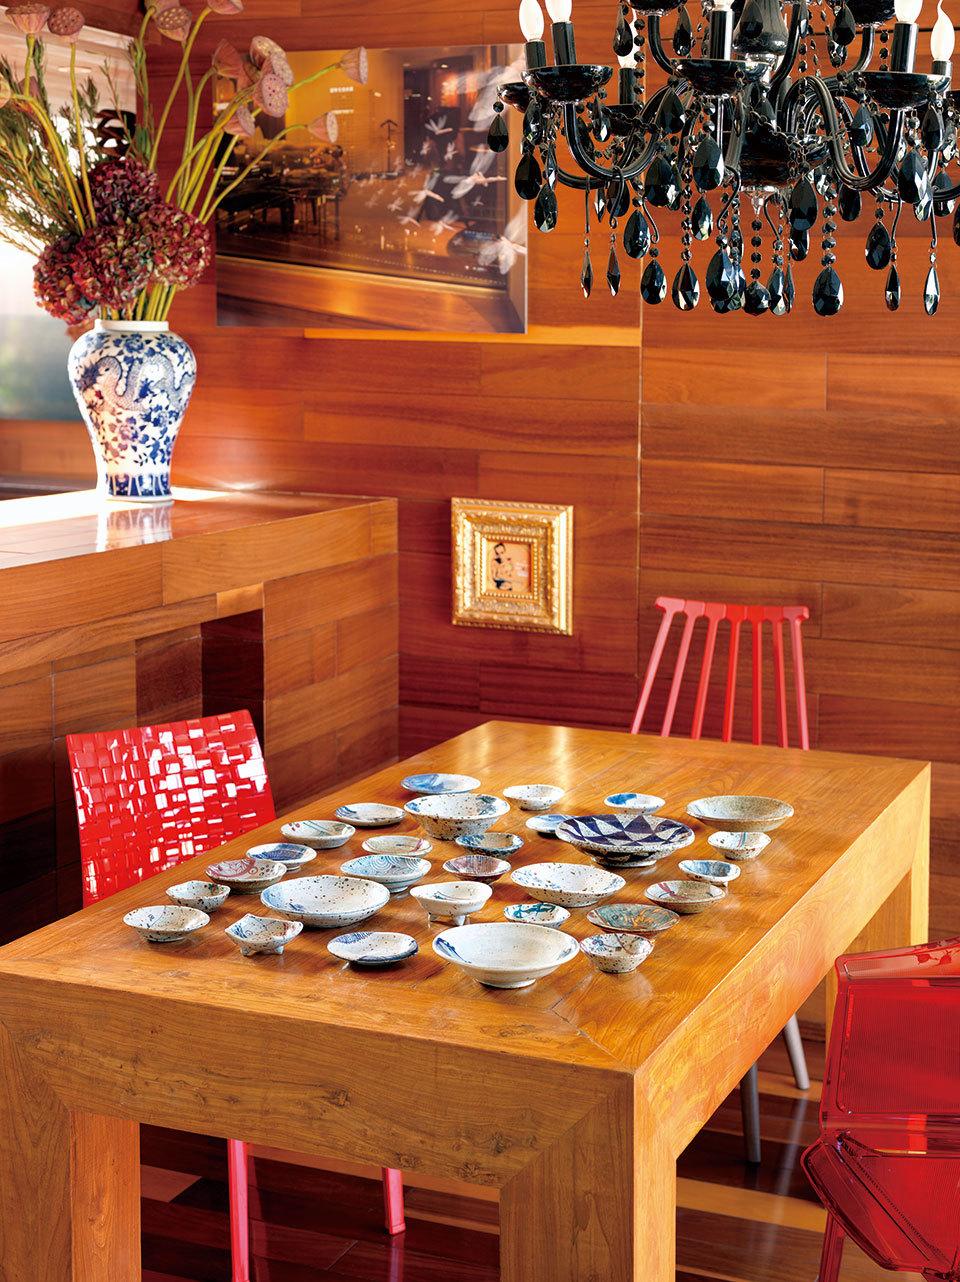 餐桌上摆满朴拙小碗碟,黑色吊灯却透着点华丽感,颇有设计感的红椅子来自Kartell。